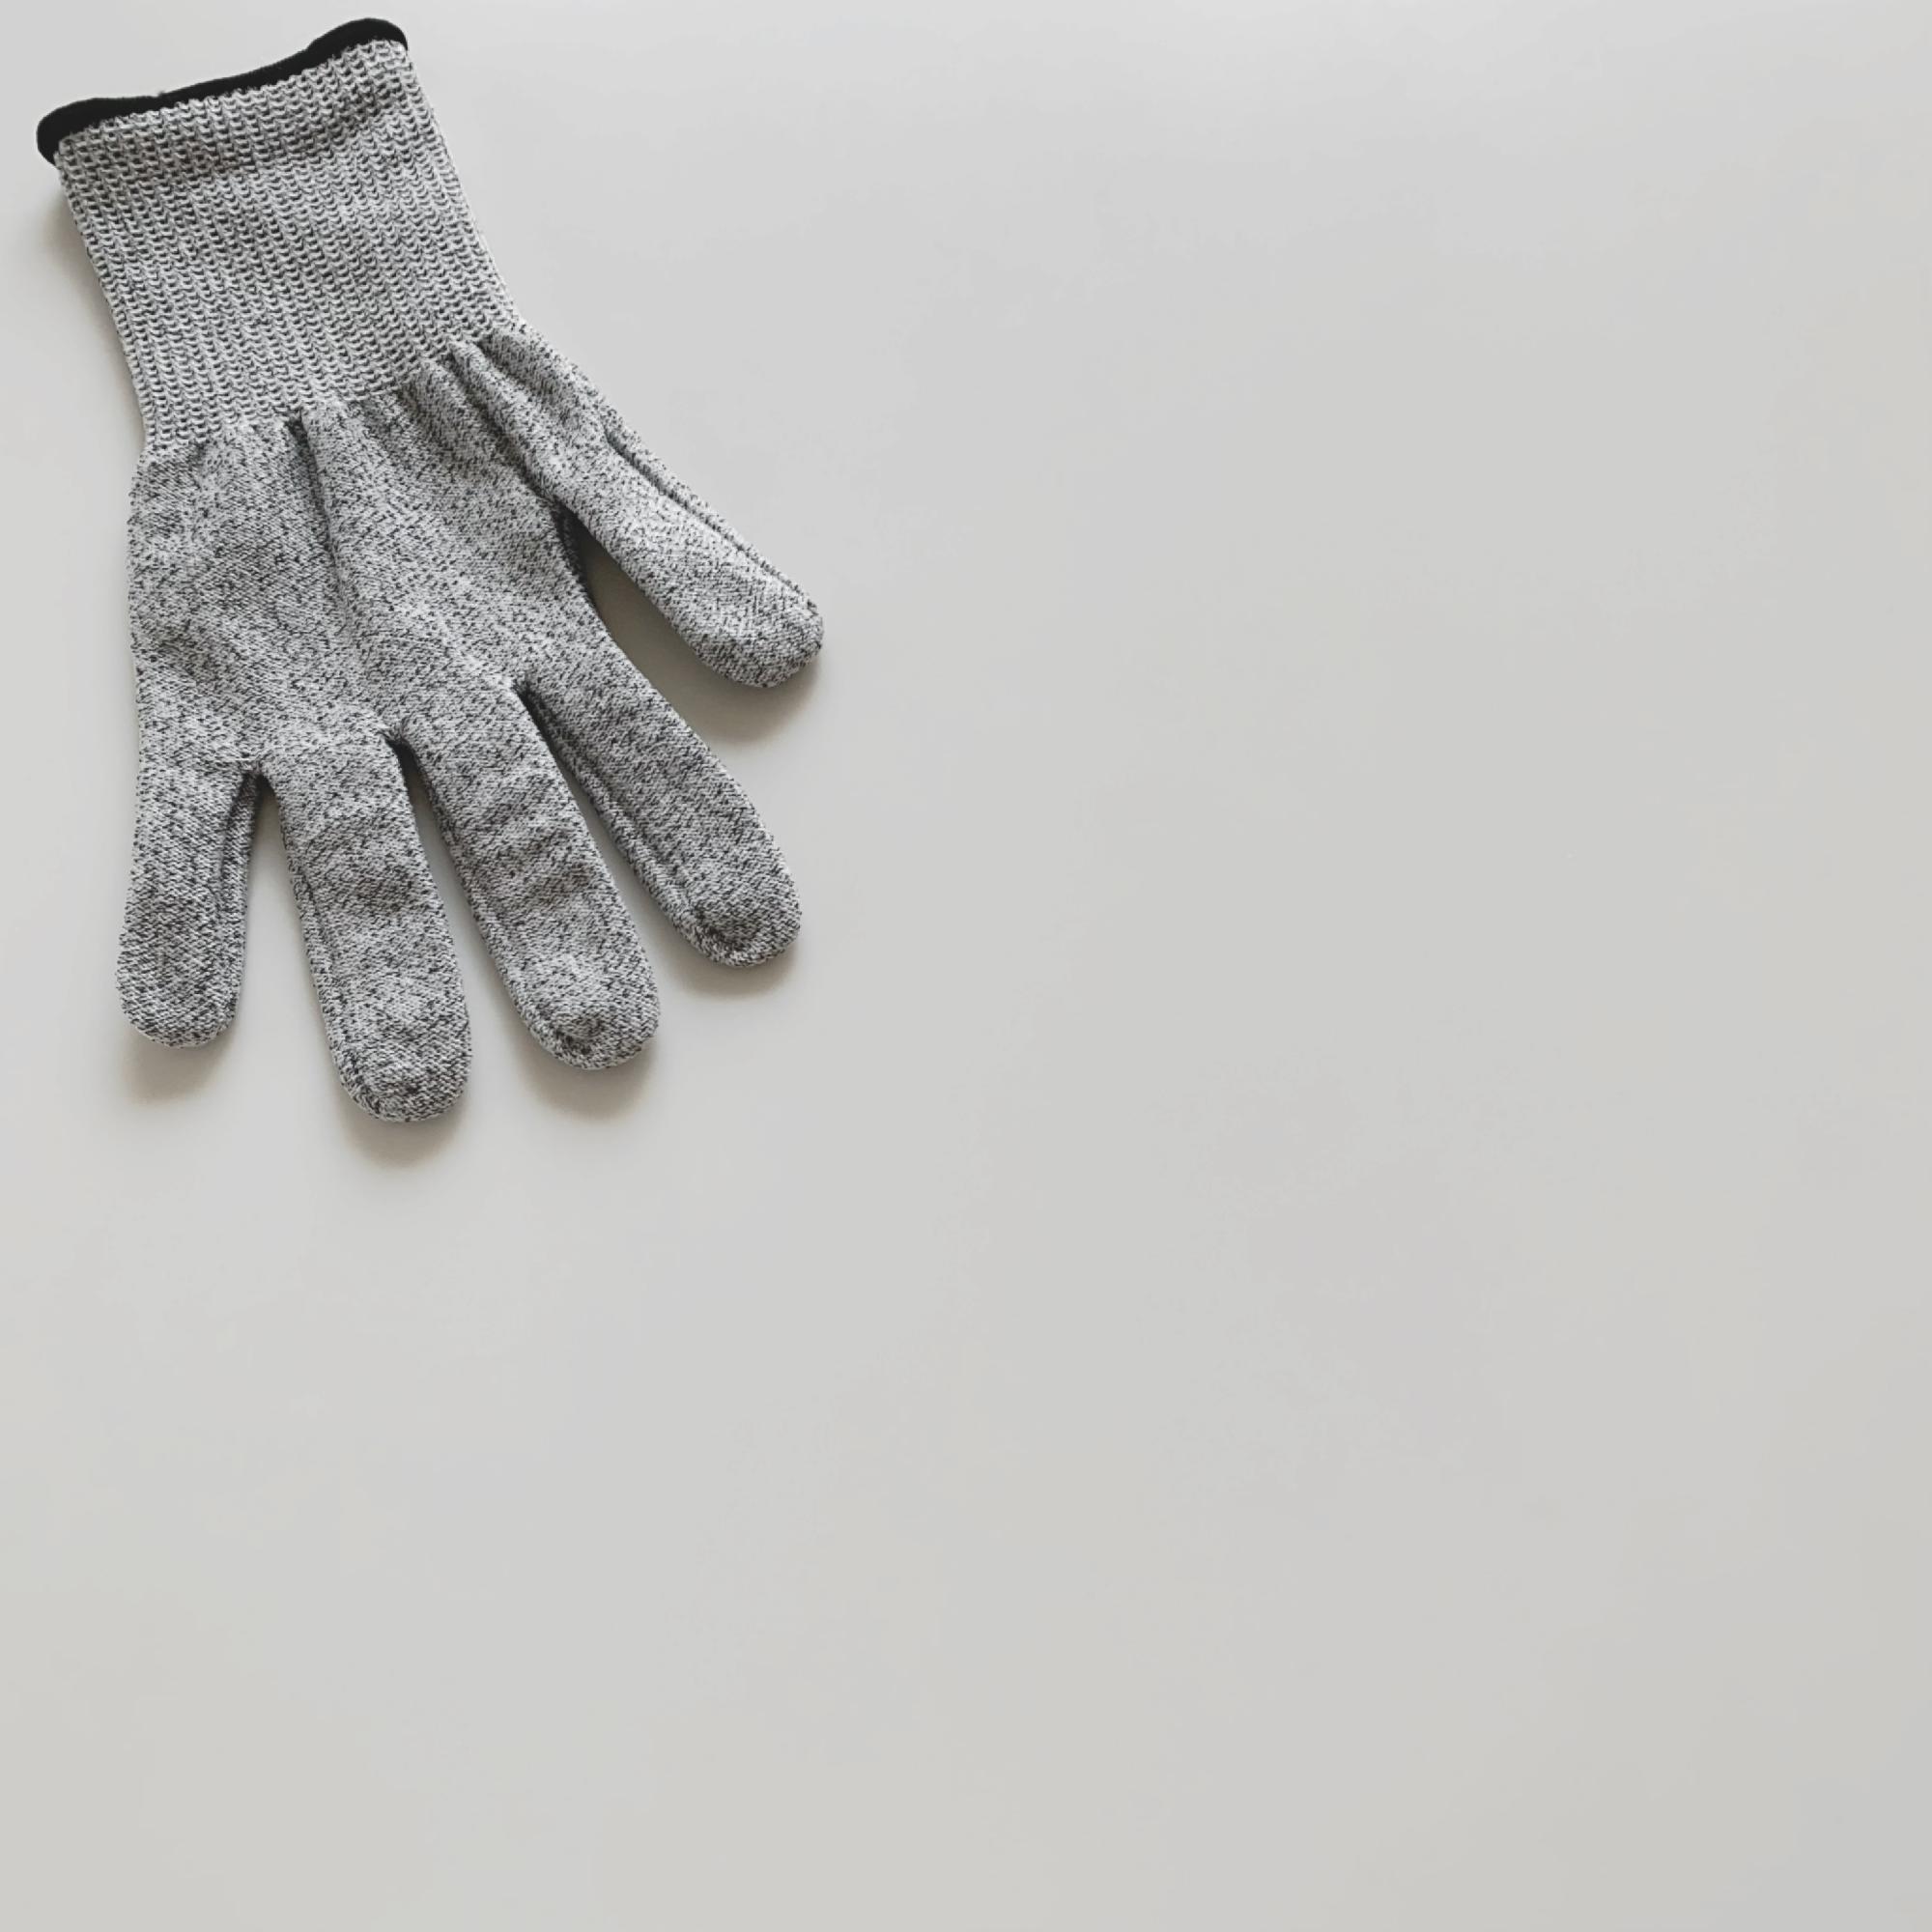 セリアで販売されている防刃手袋。